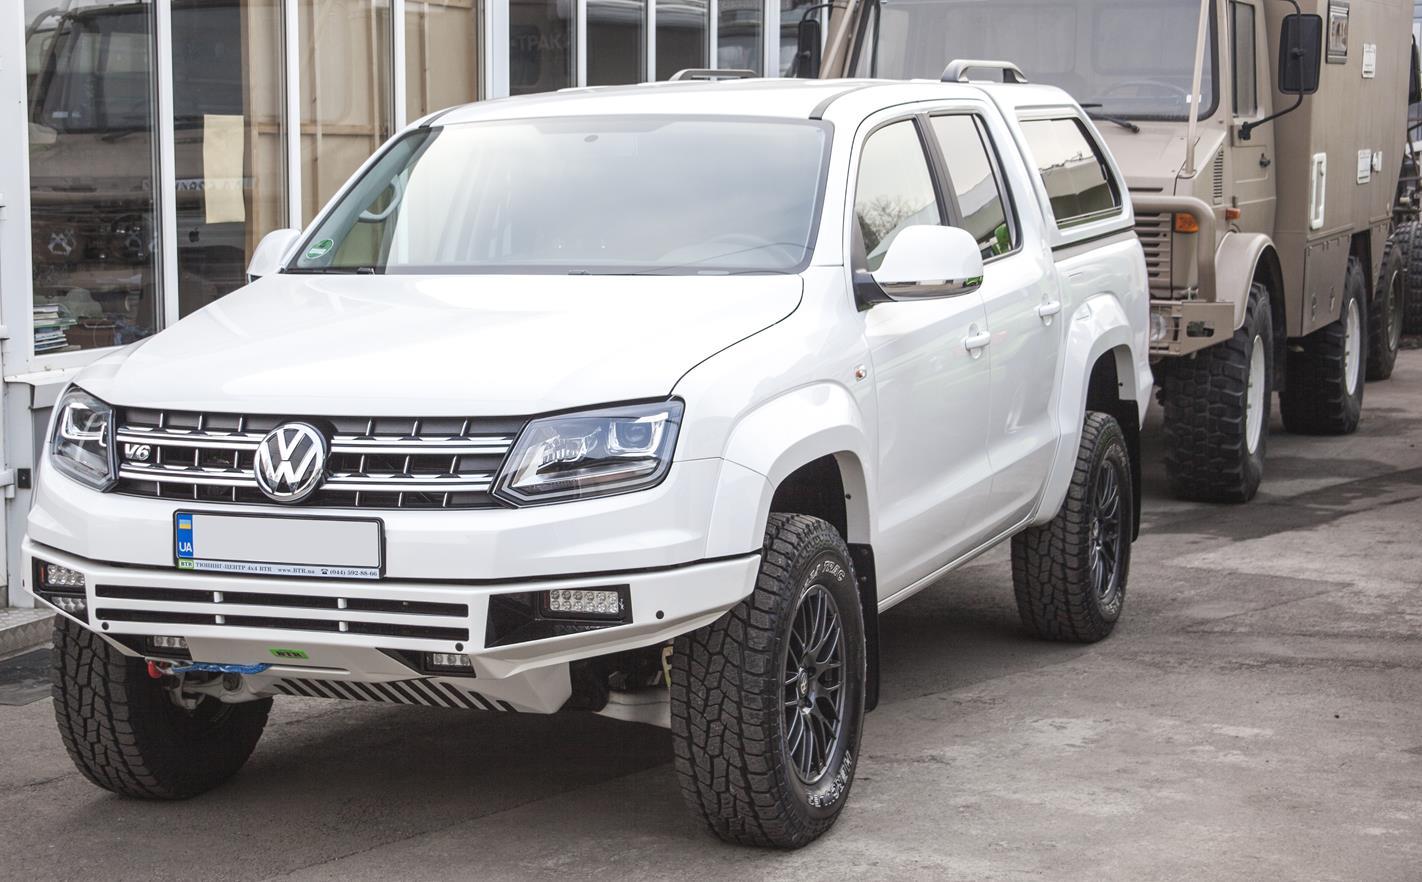 Volkswagen Amarok 2017 V6 Tuning 1